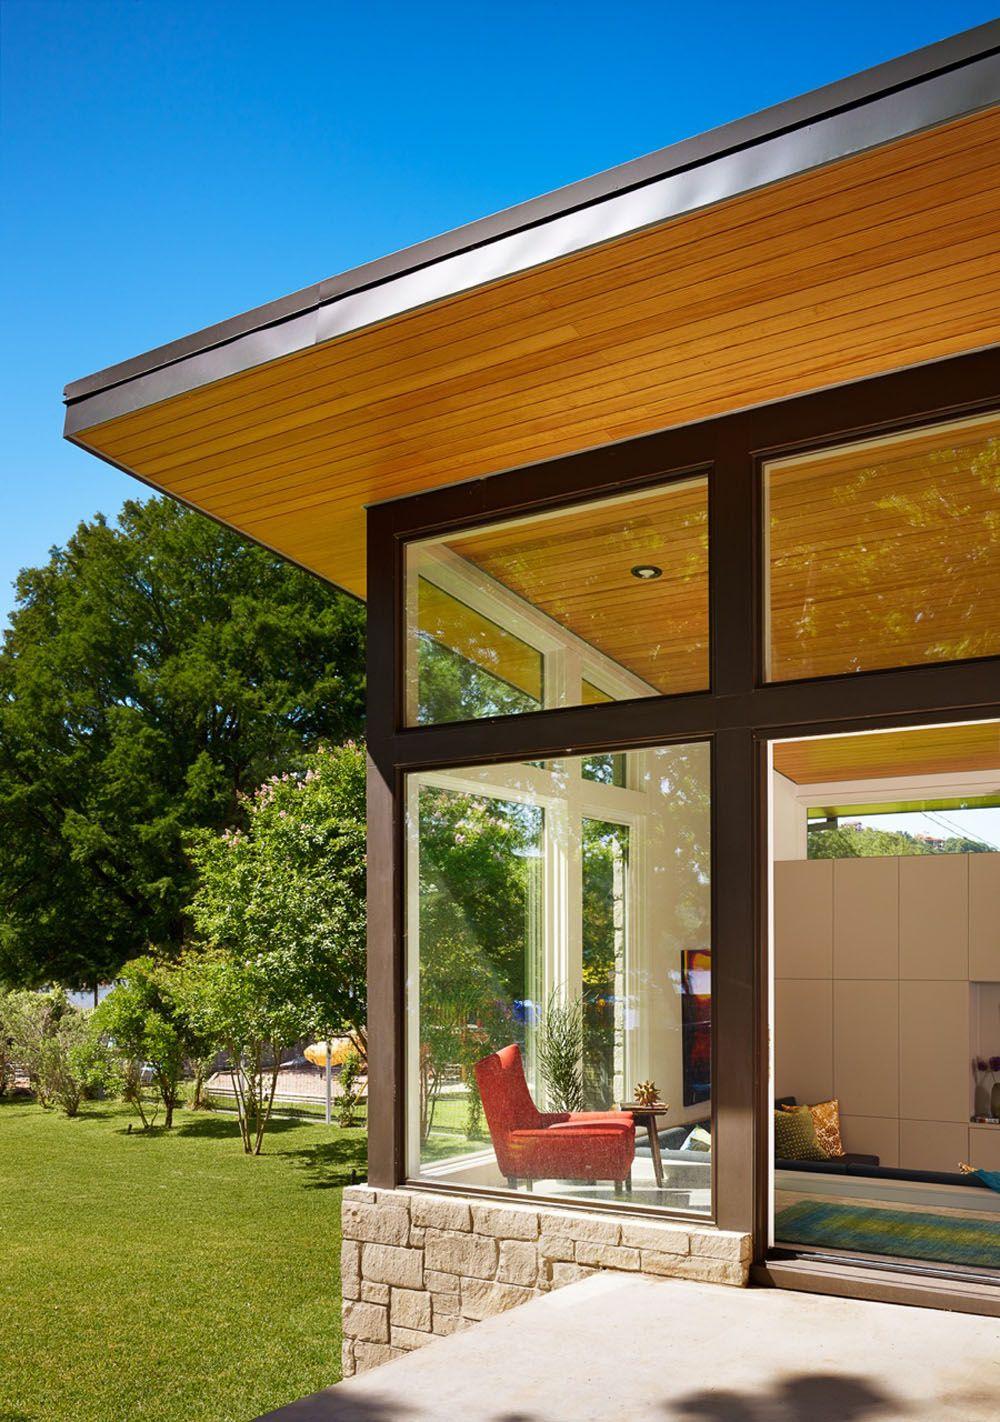 Diseño de casa de un piso con fachada en piedra y madera, acabados ...